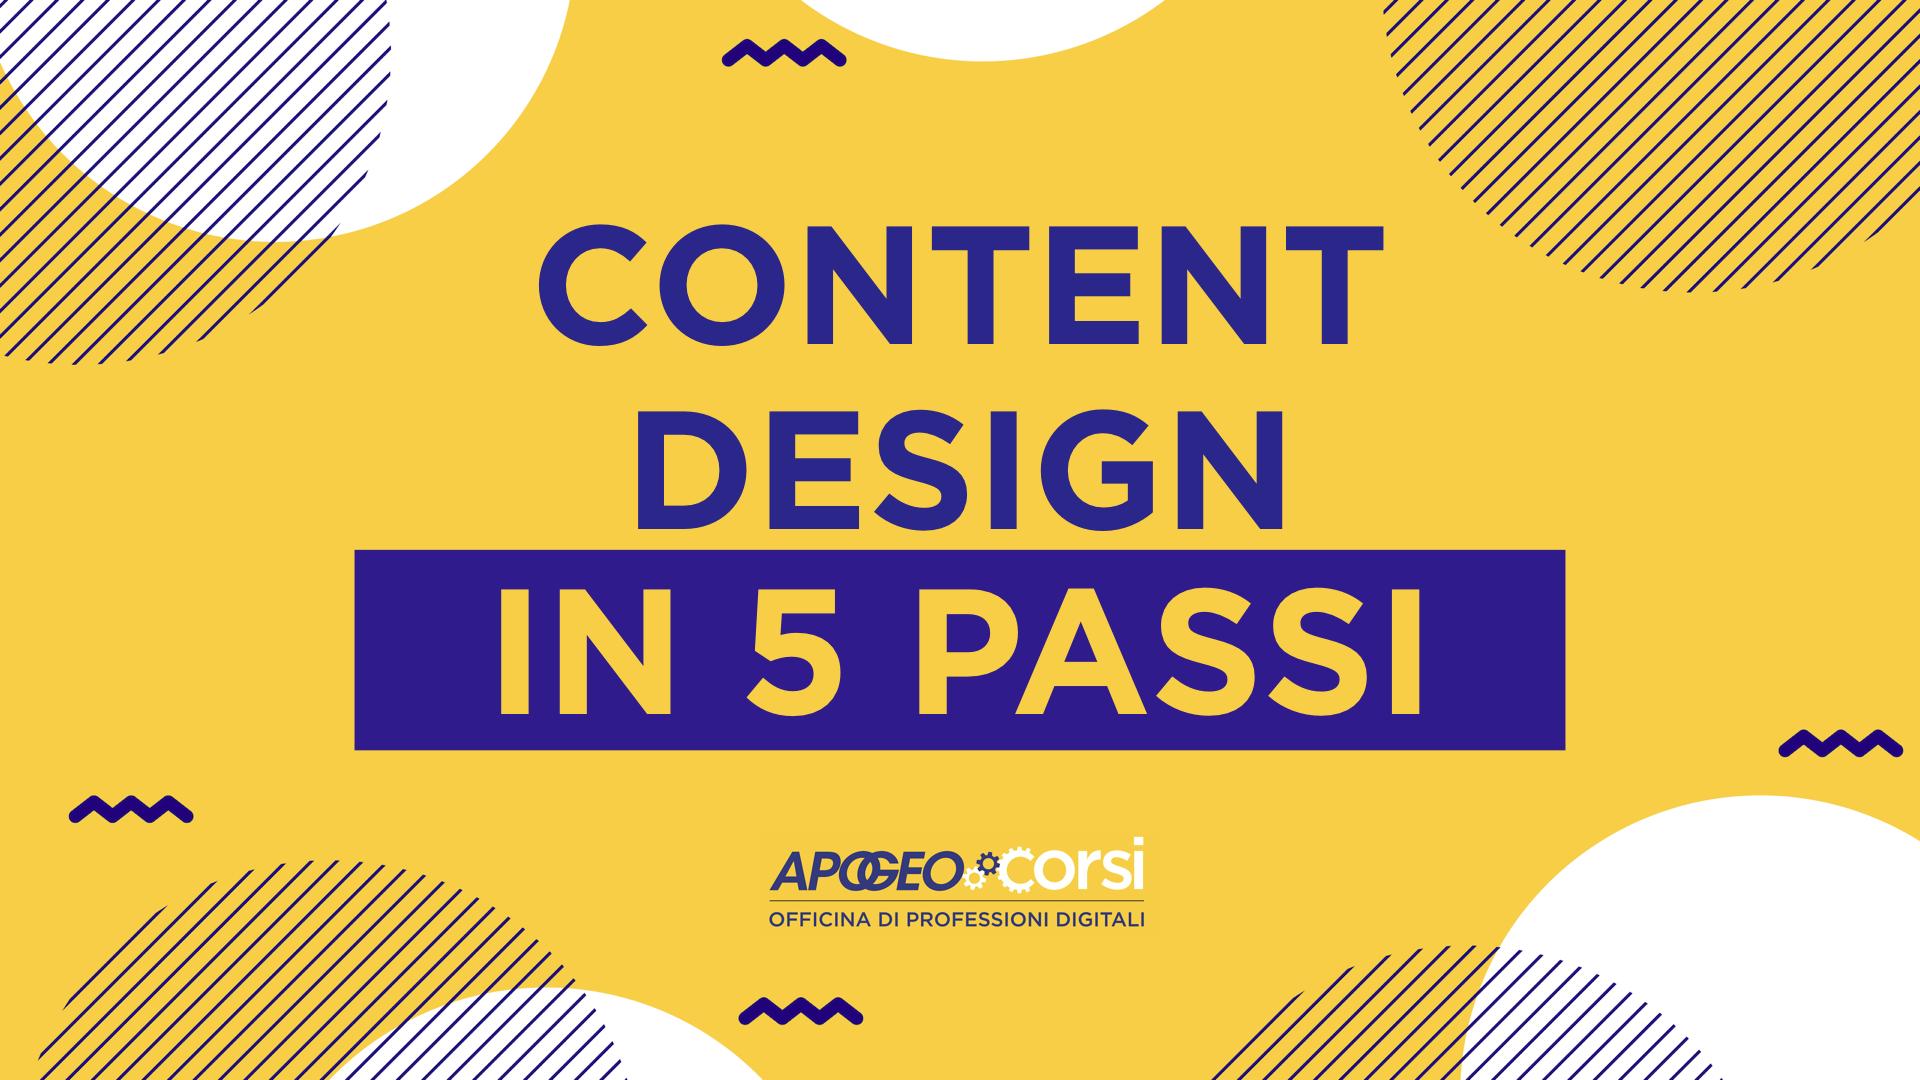 Content design in 5 passi